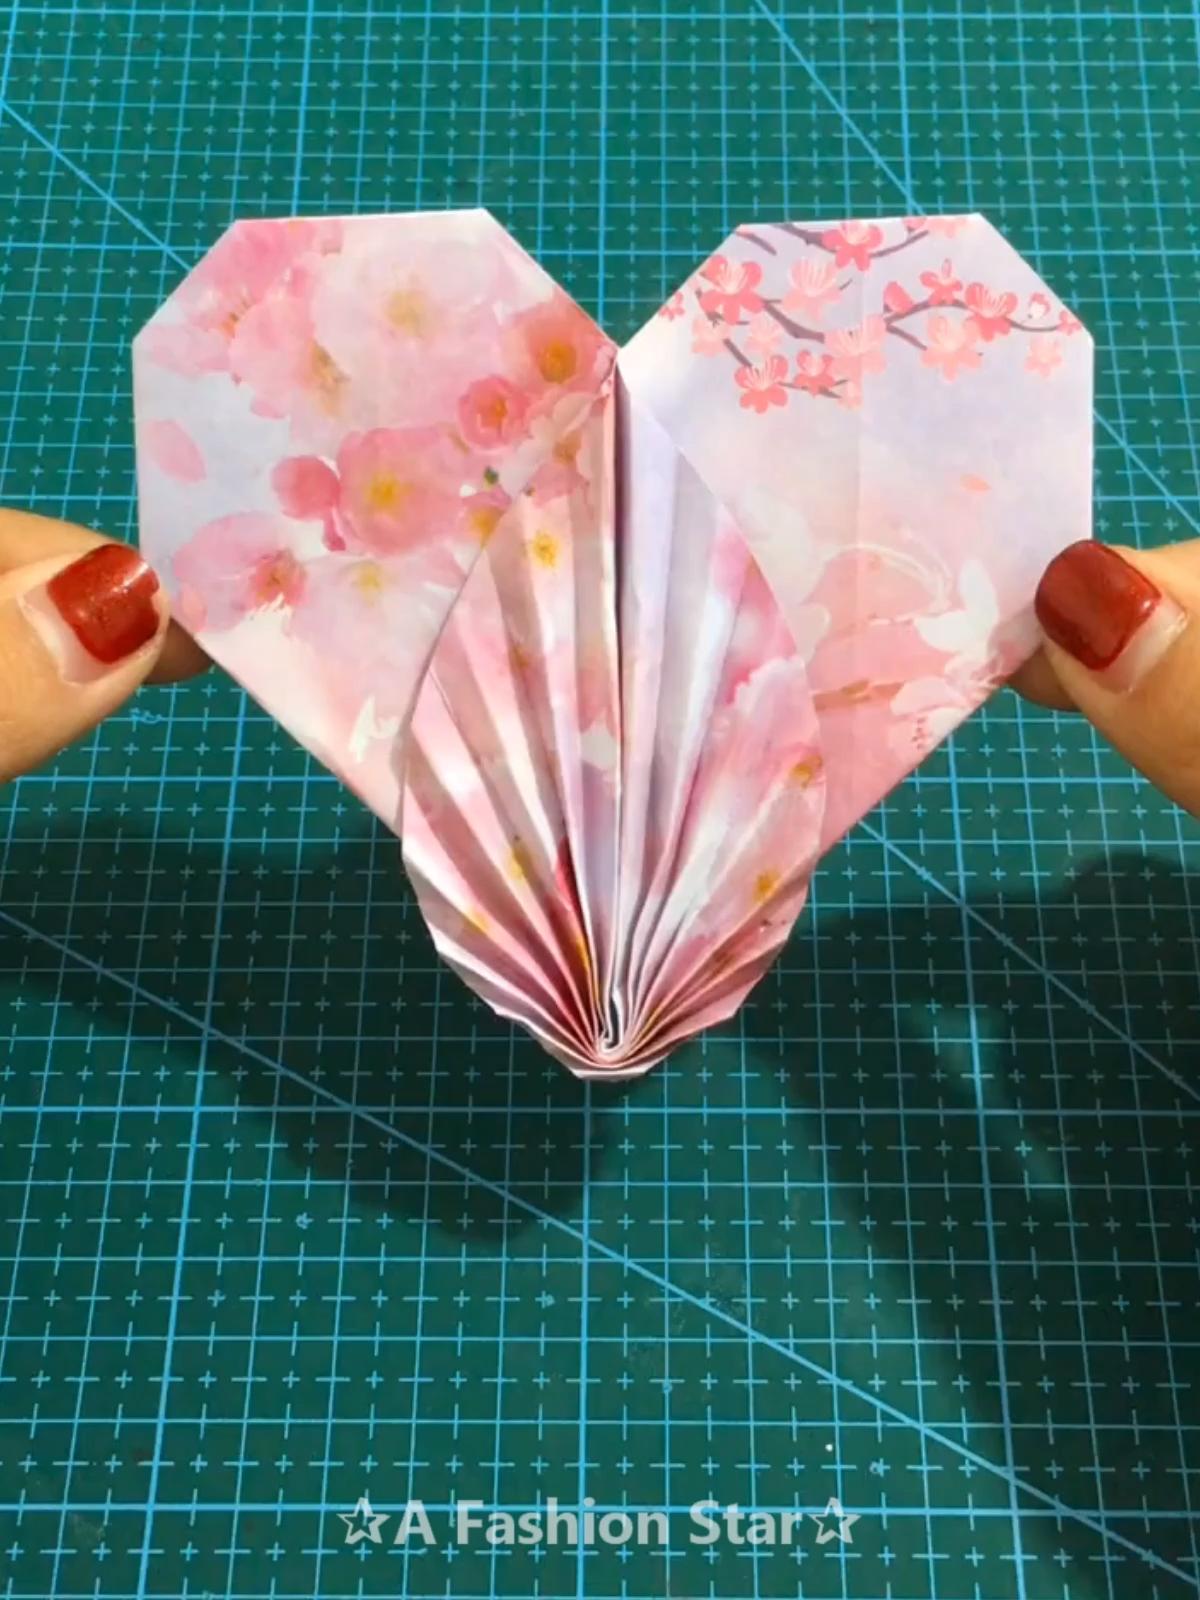 Best Indoor Garden Ideas For 2020 Paper Crafts Diy Easy Paper